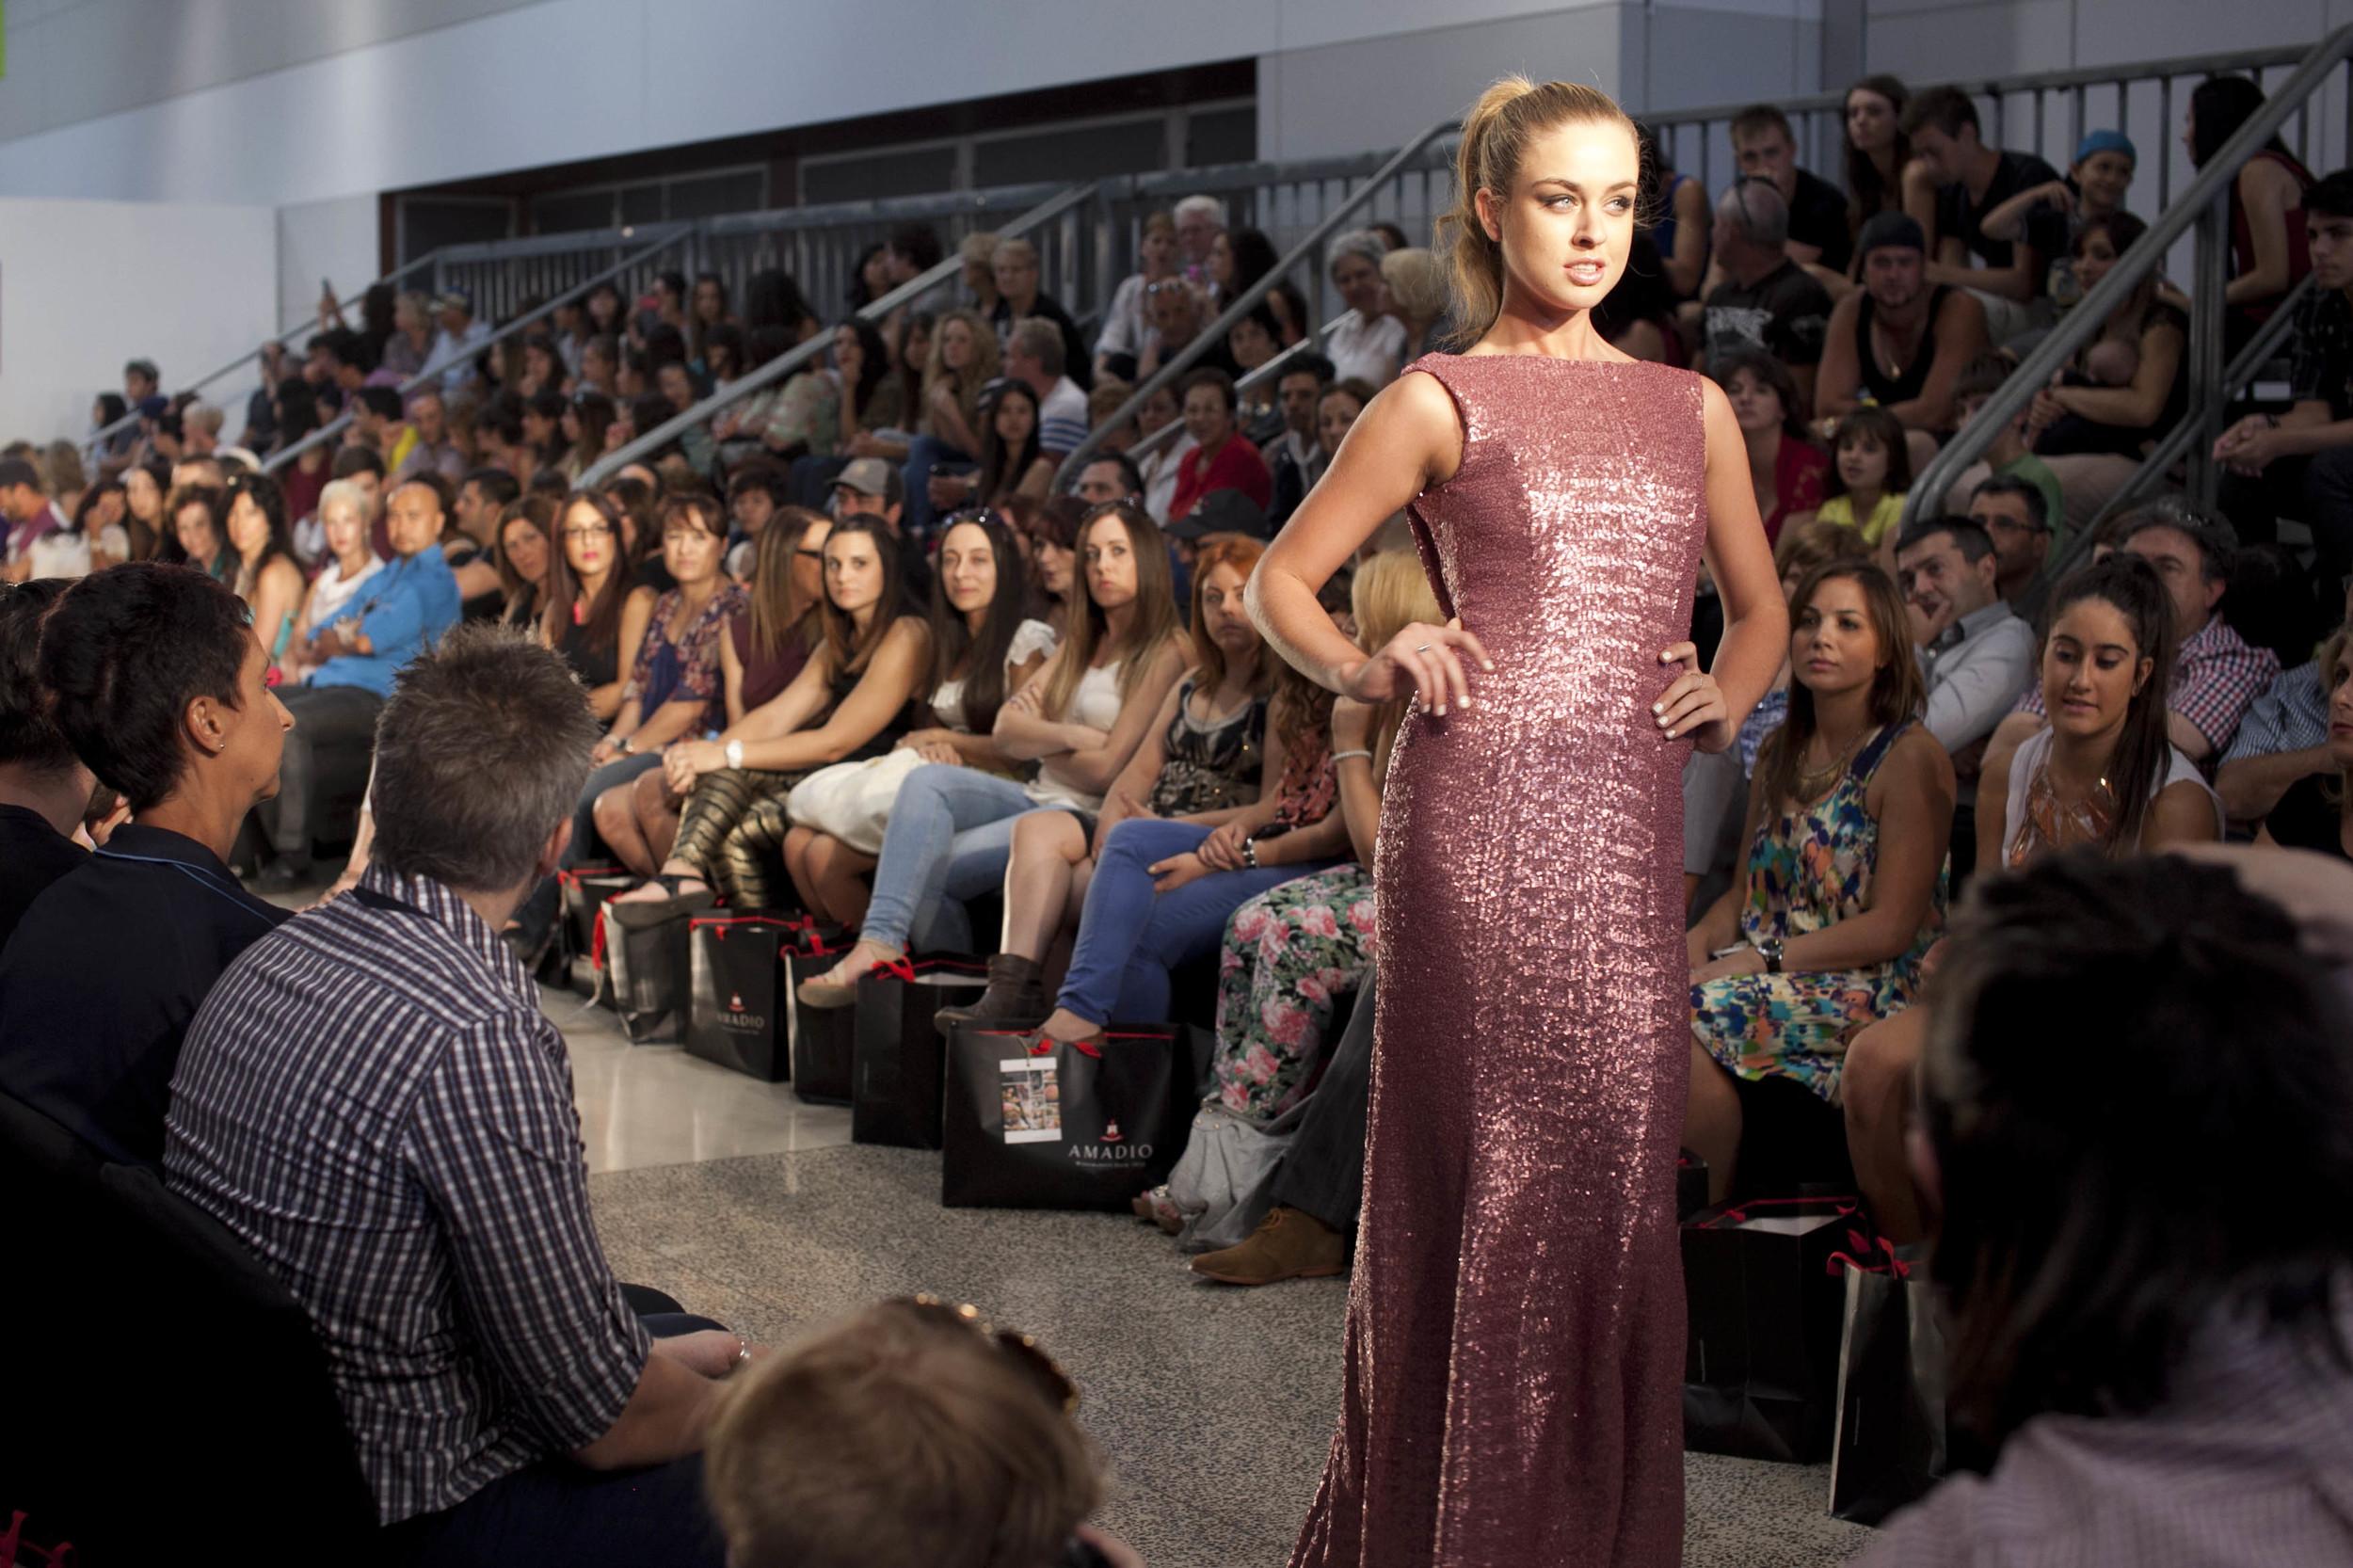 Finesse model Madz Ando wears a couture+love+madness dress in Cristina Tridente's signature glitzy style.